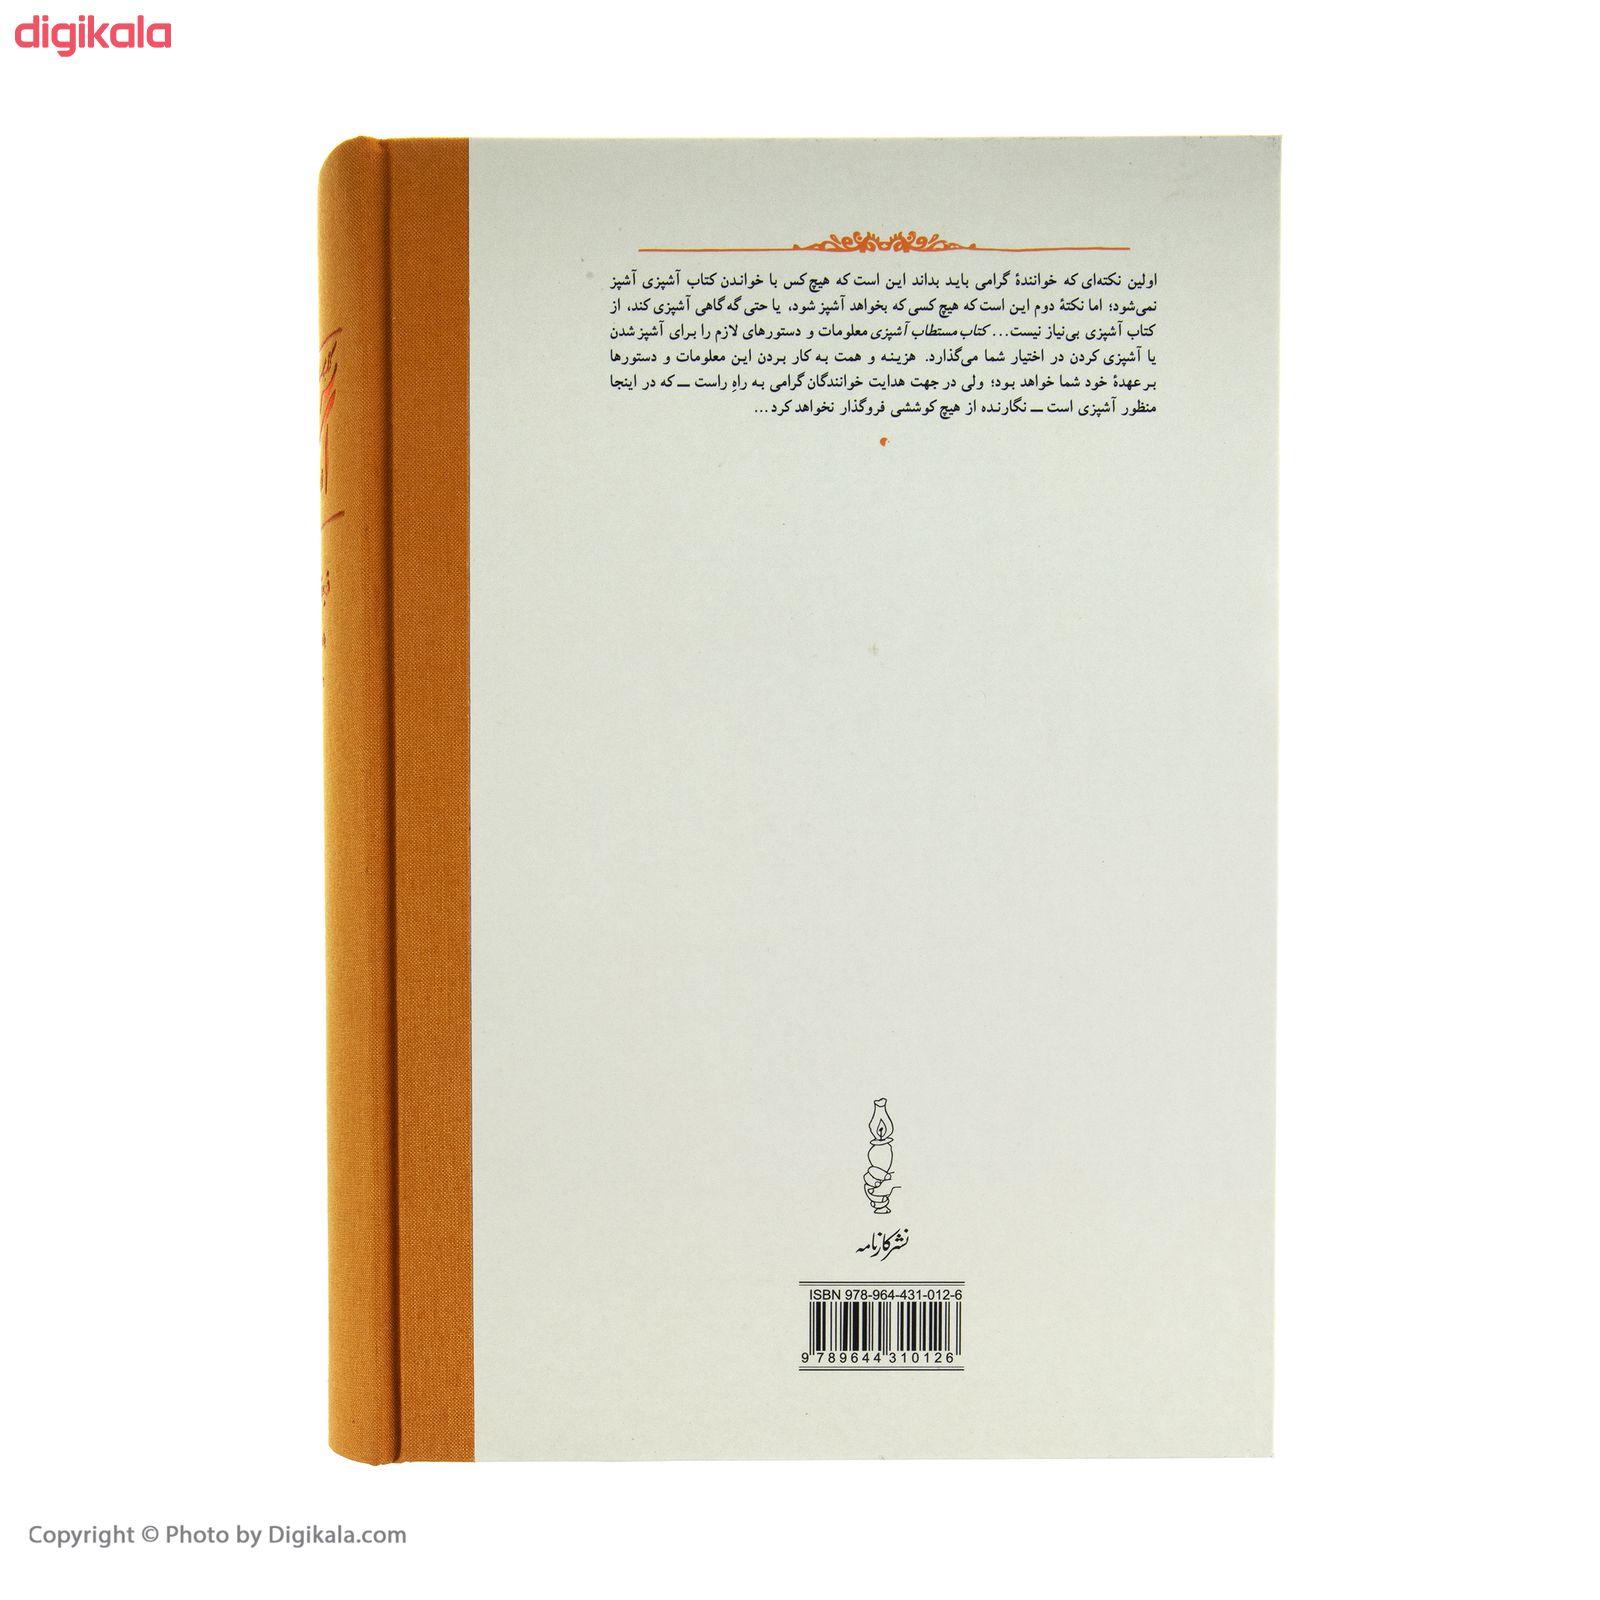 کتاب مستطاب آشپزی از سیر تا پیاز اثر نجف دریابندری دو جلدی main 1 5